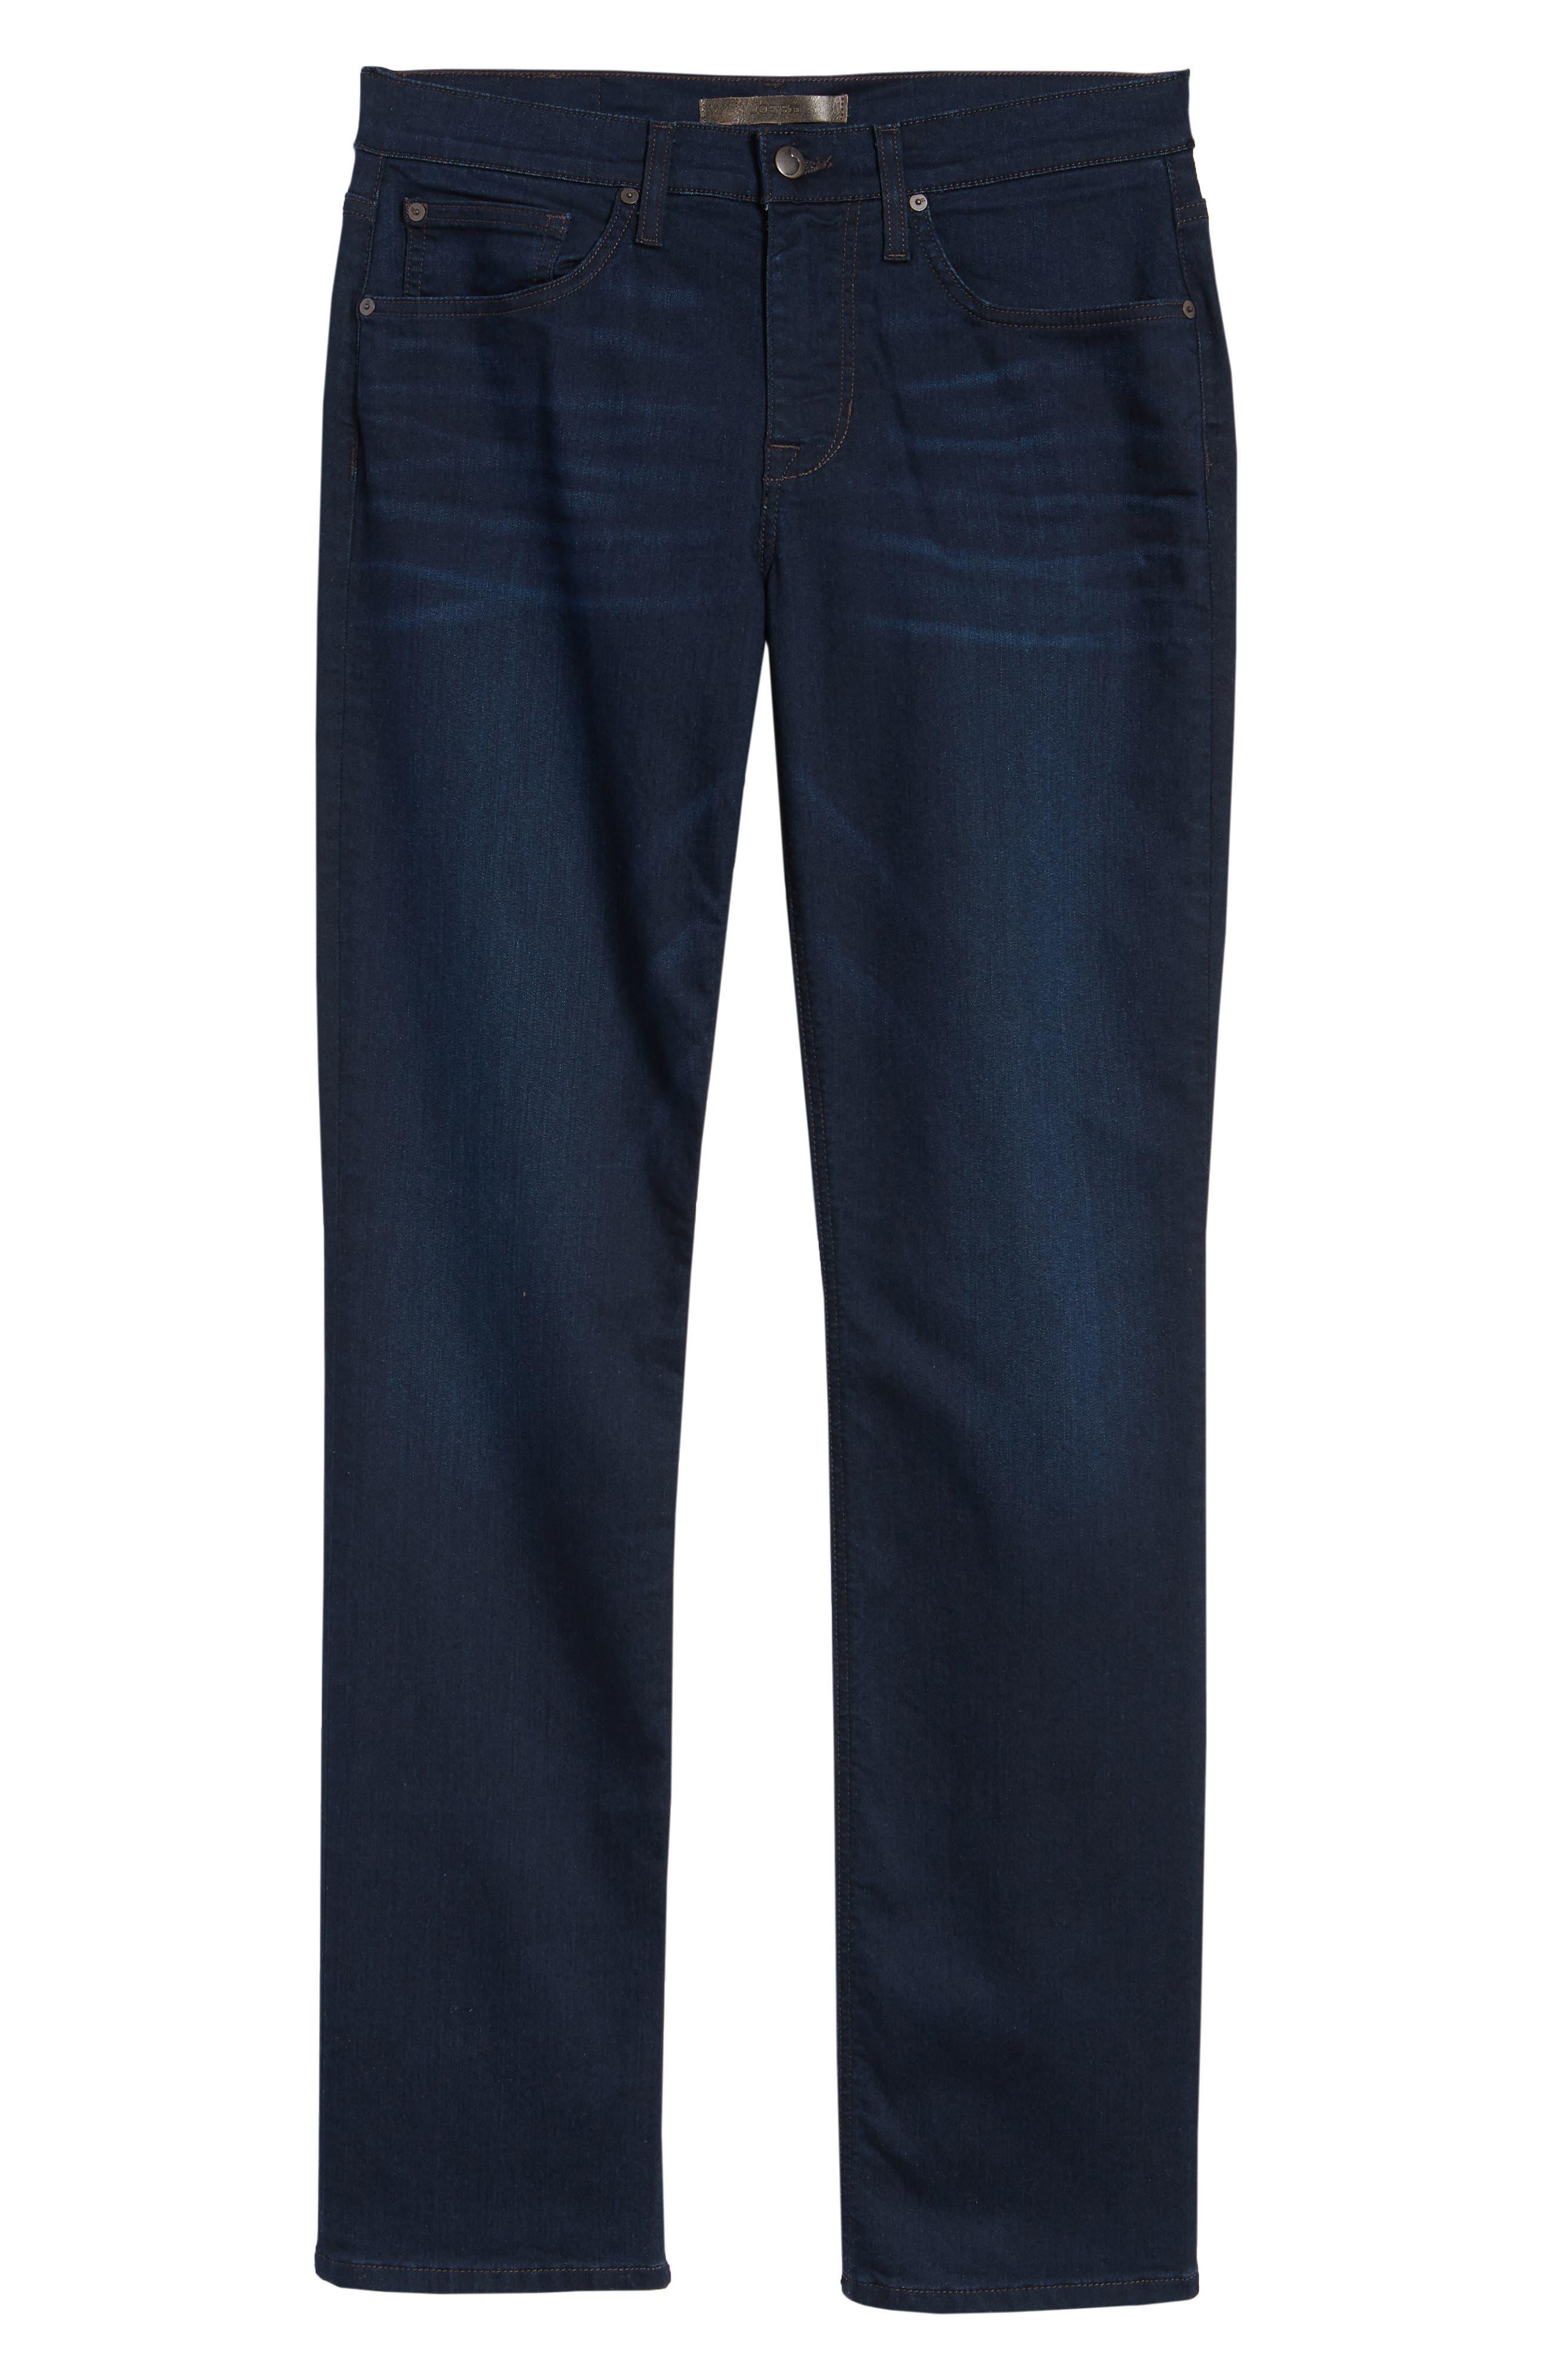 Brixton Kinetic Slim Straight Leg Jeans,                             Alternate thumbnail 2, color,                             400